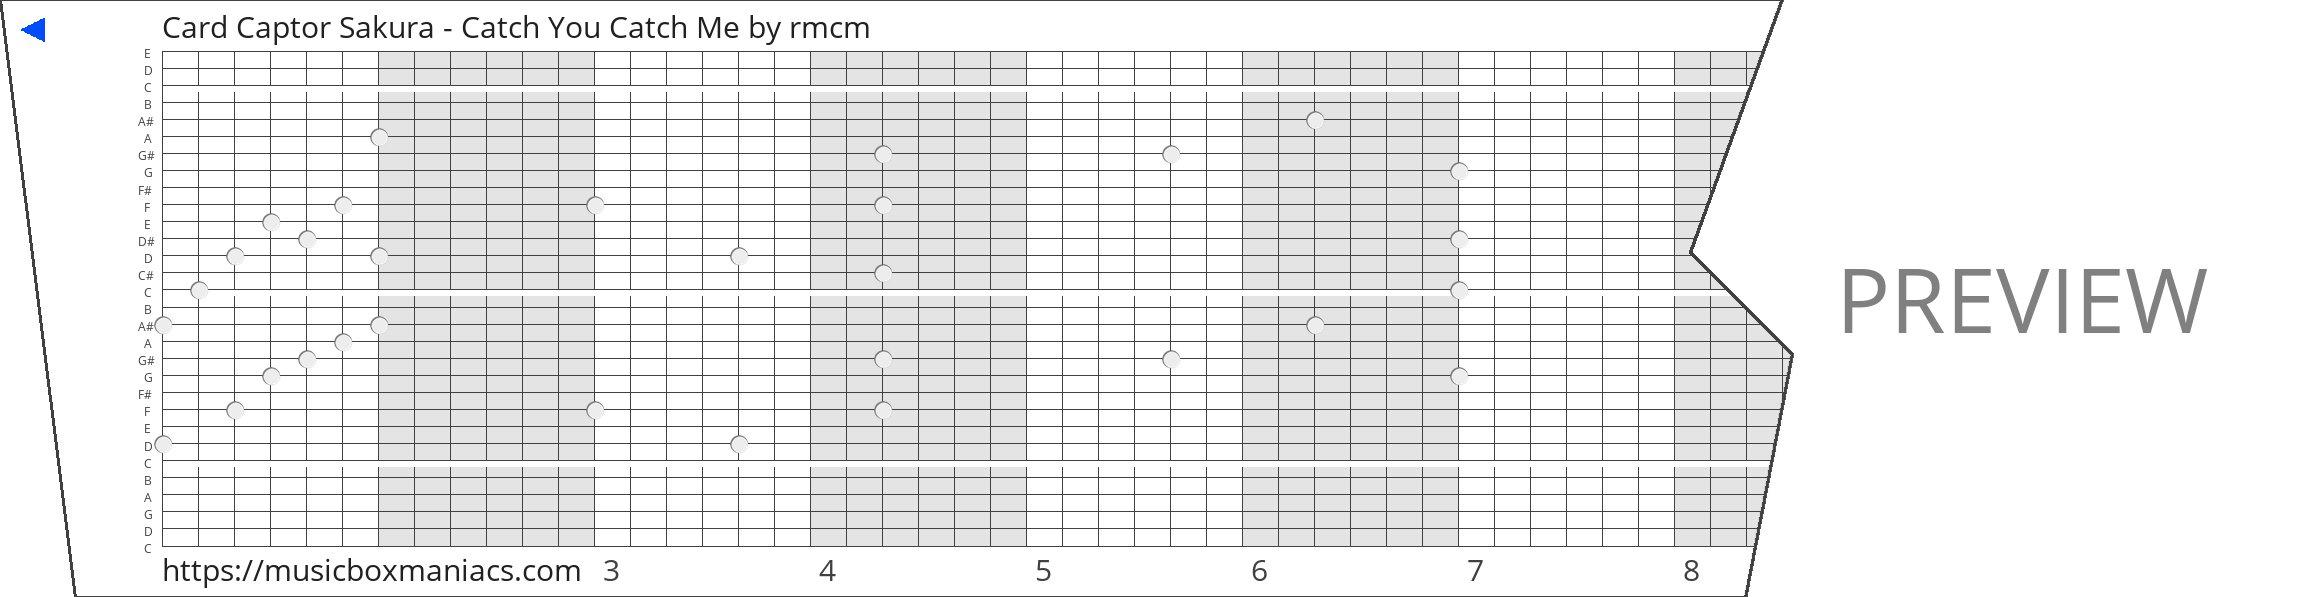 Card Captor Sakura - Catch You Catch Me 30 note music box paper strip